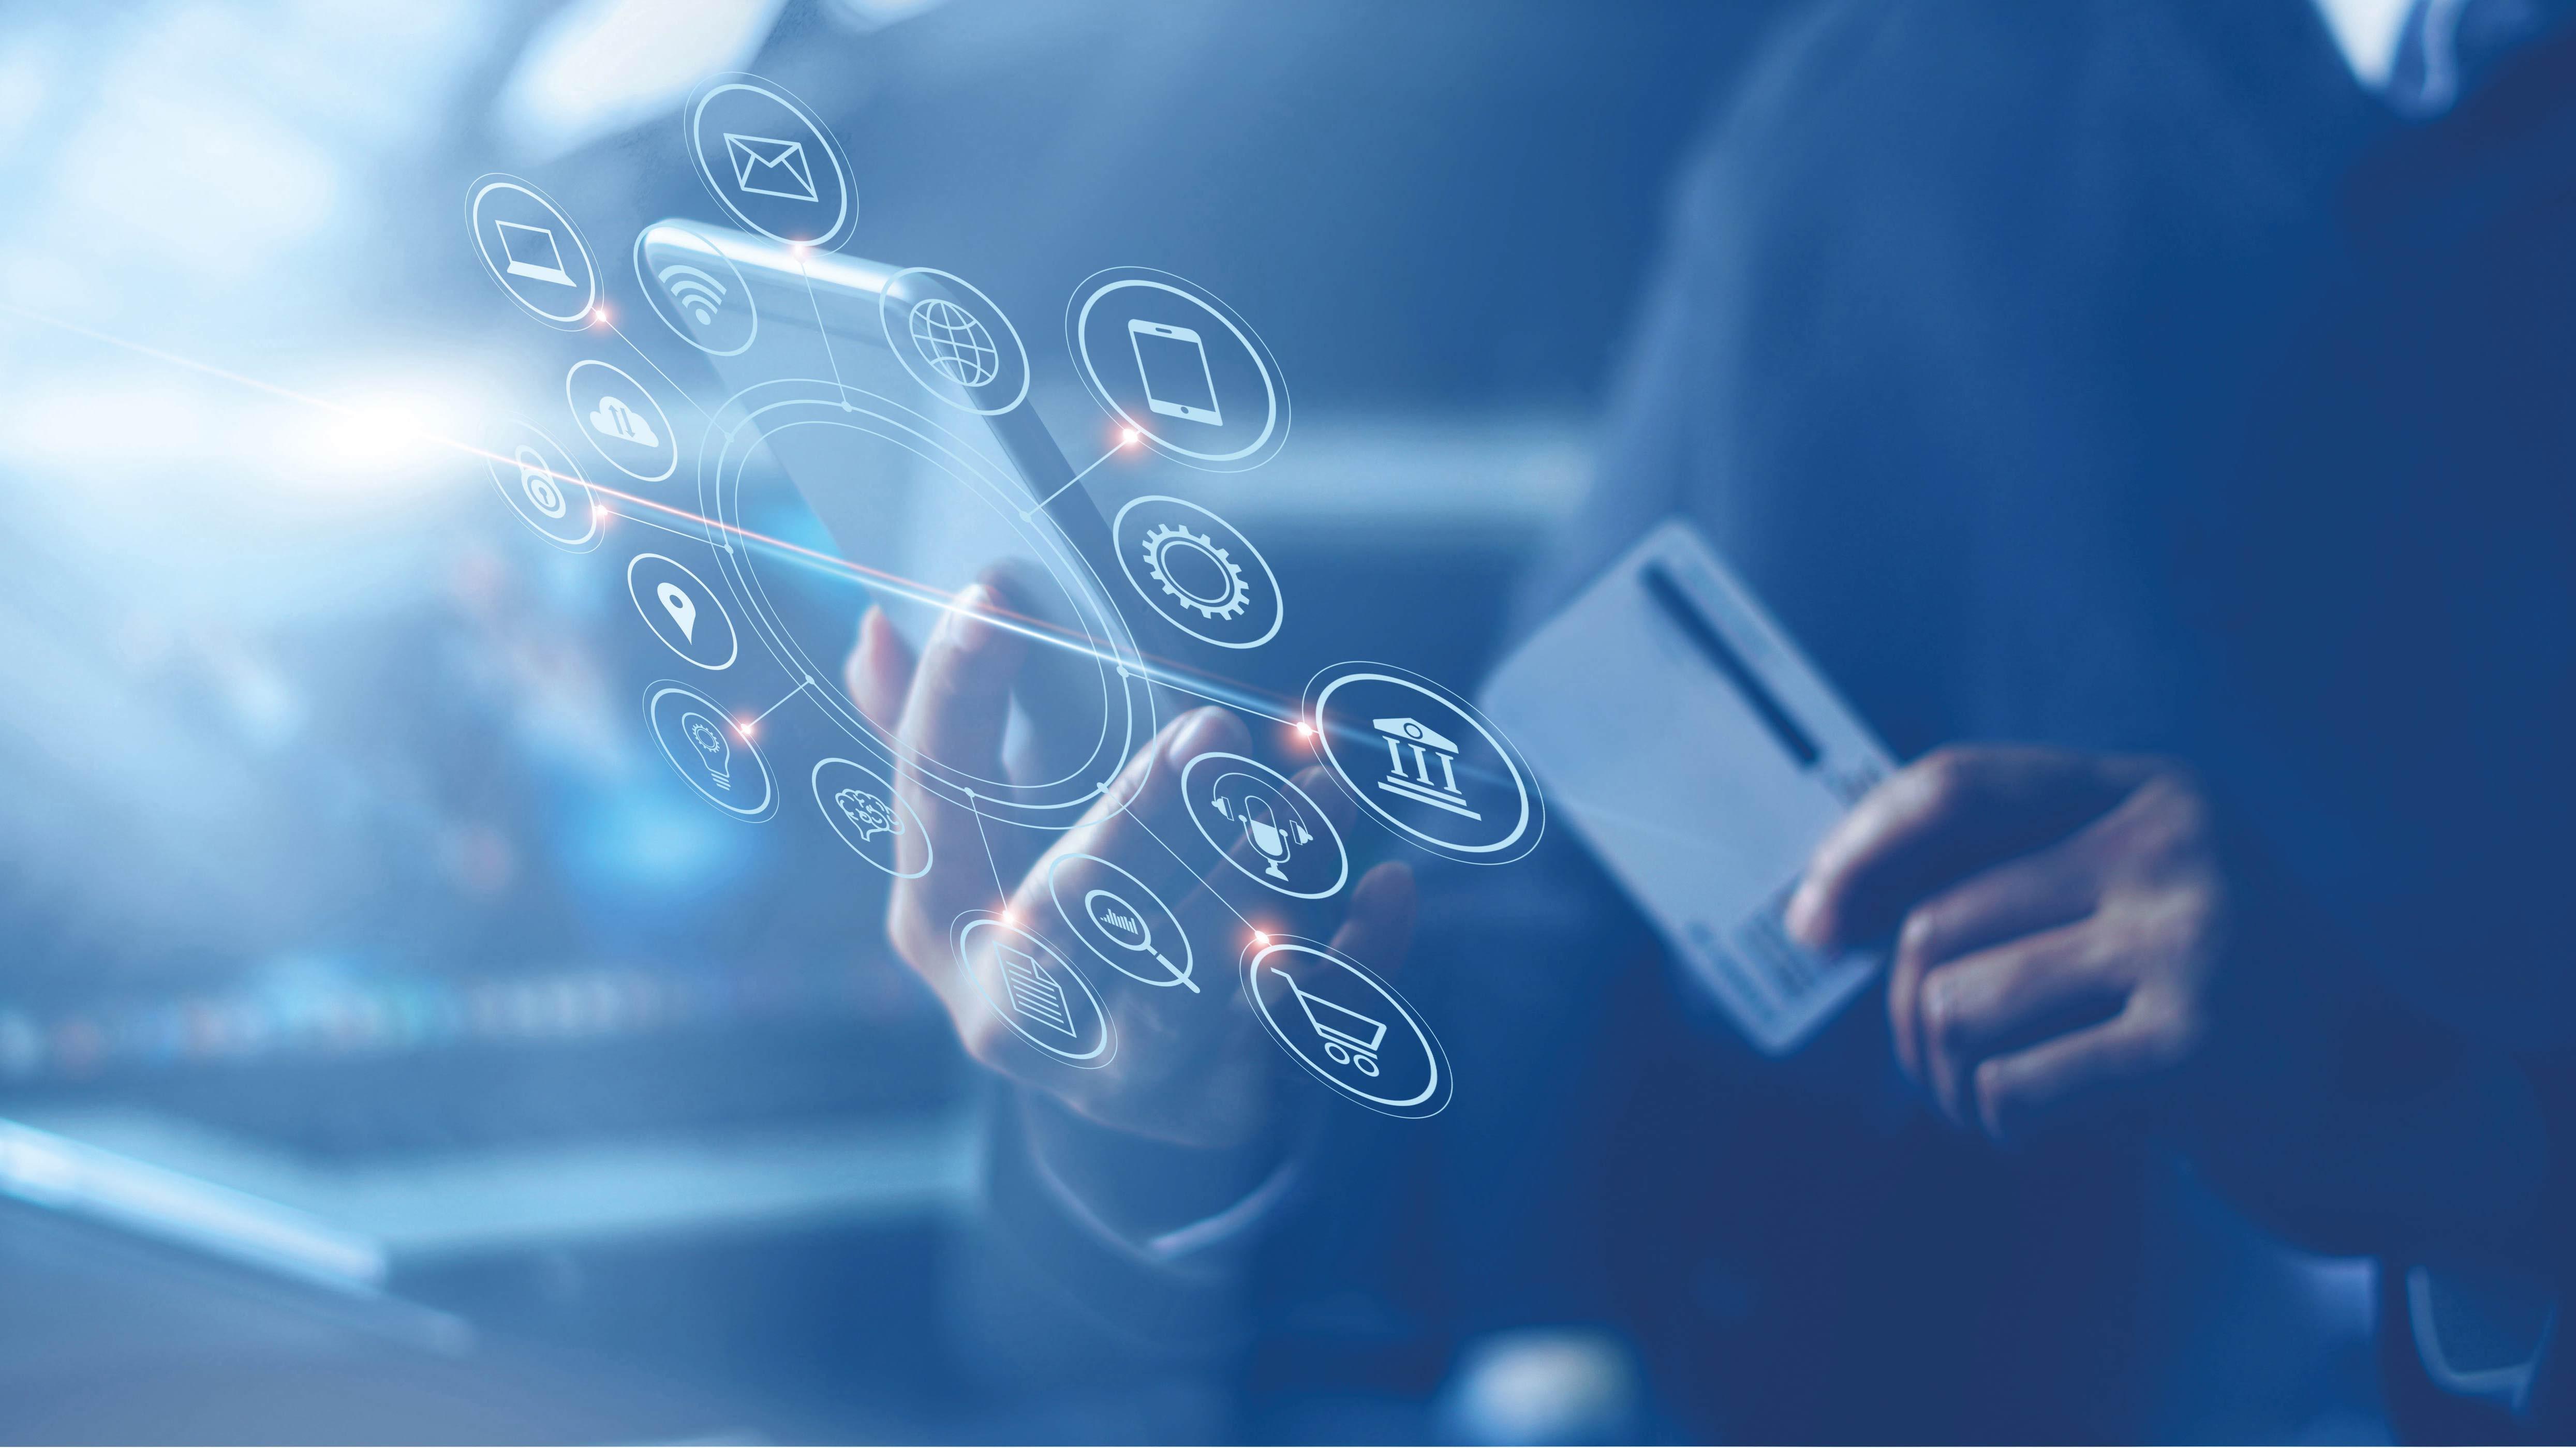 <p>Banca y seguros: más clientes digitales, más posibilidades</p>